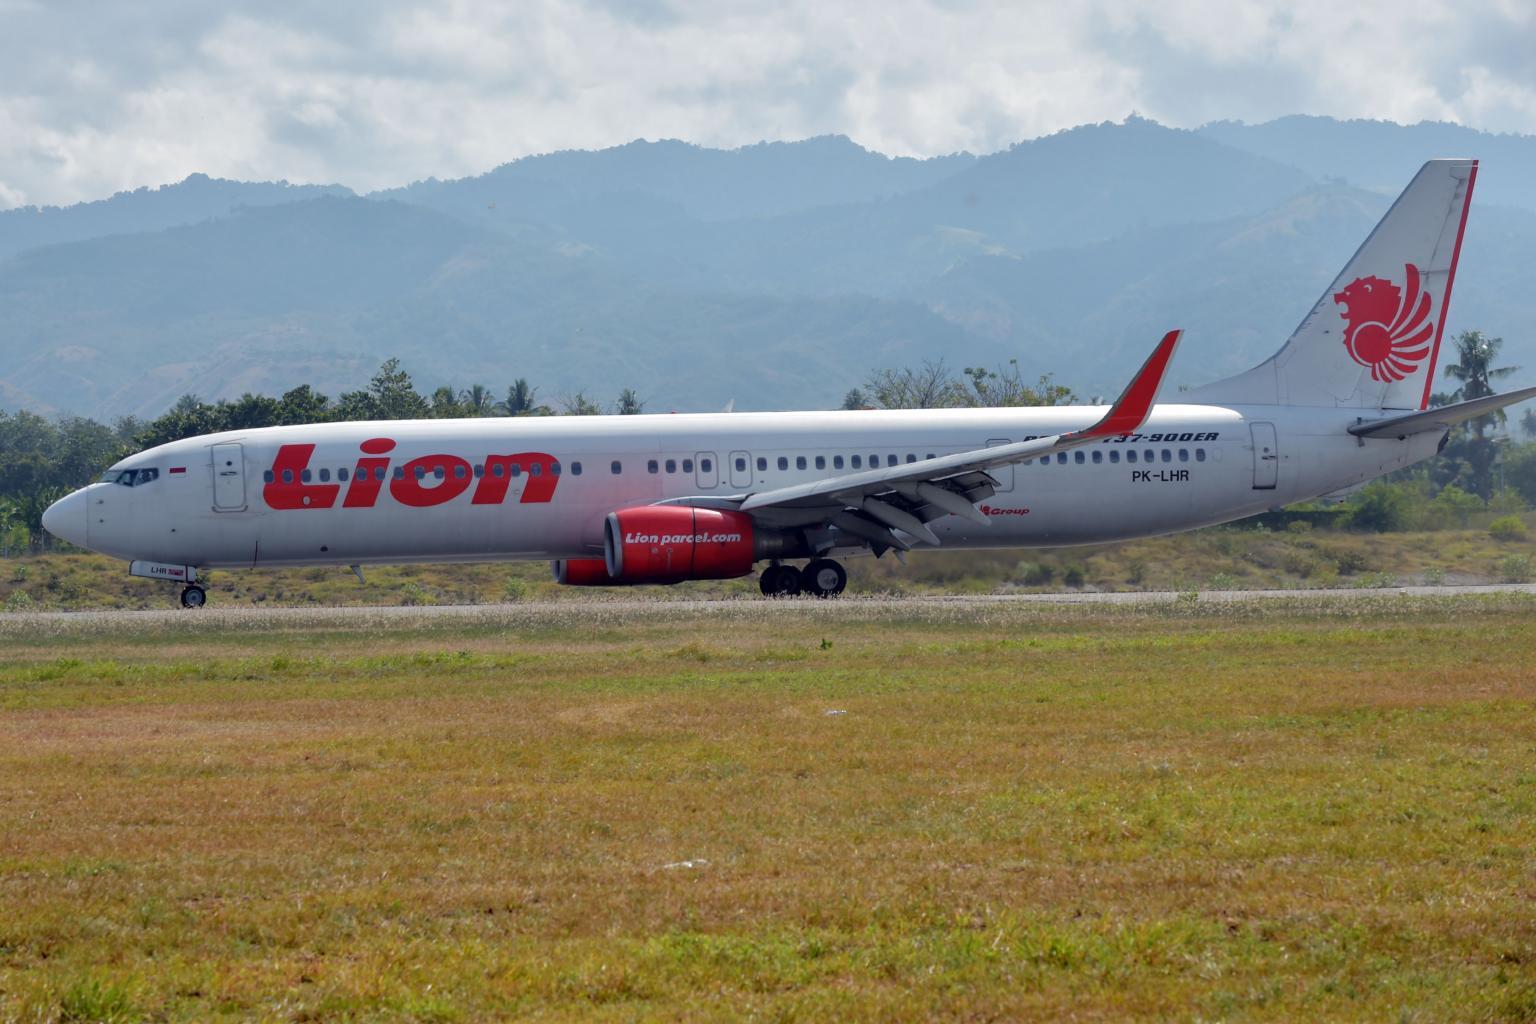 Encontrada caixa negra que regista o áudio da cabine do avião que caiu na Indonésia